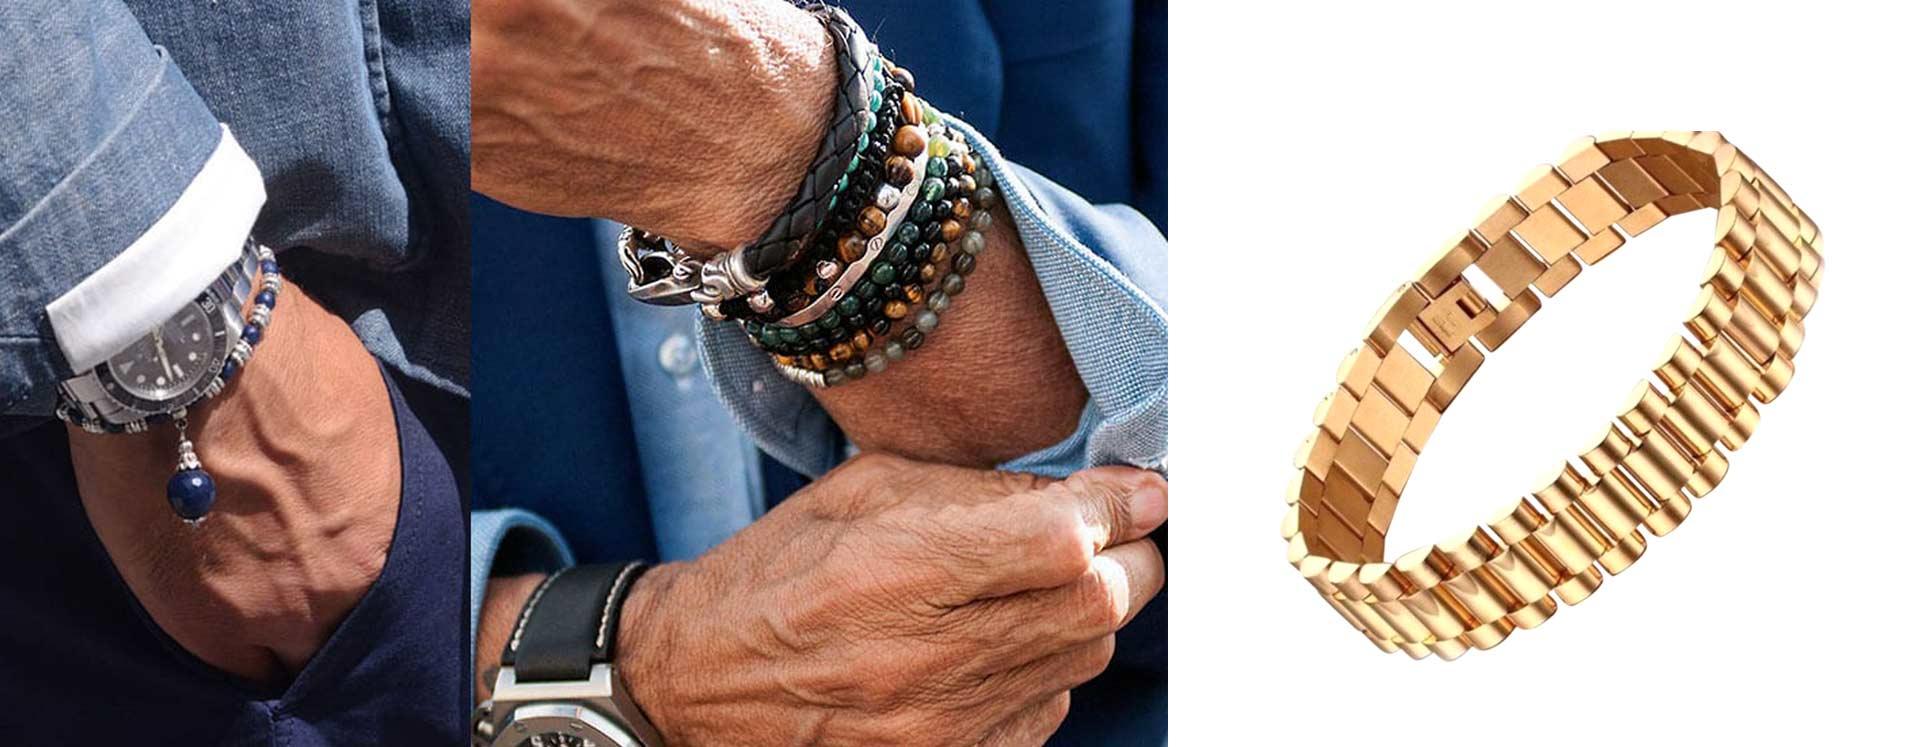 men's jewellery423 - برندهای لوکسی که موجب رونق جواهرات مردانه شده اند